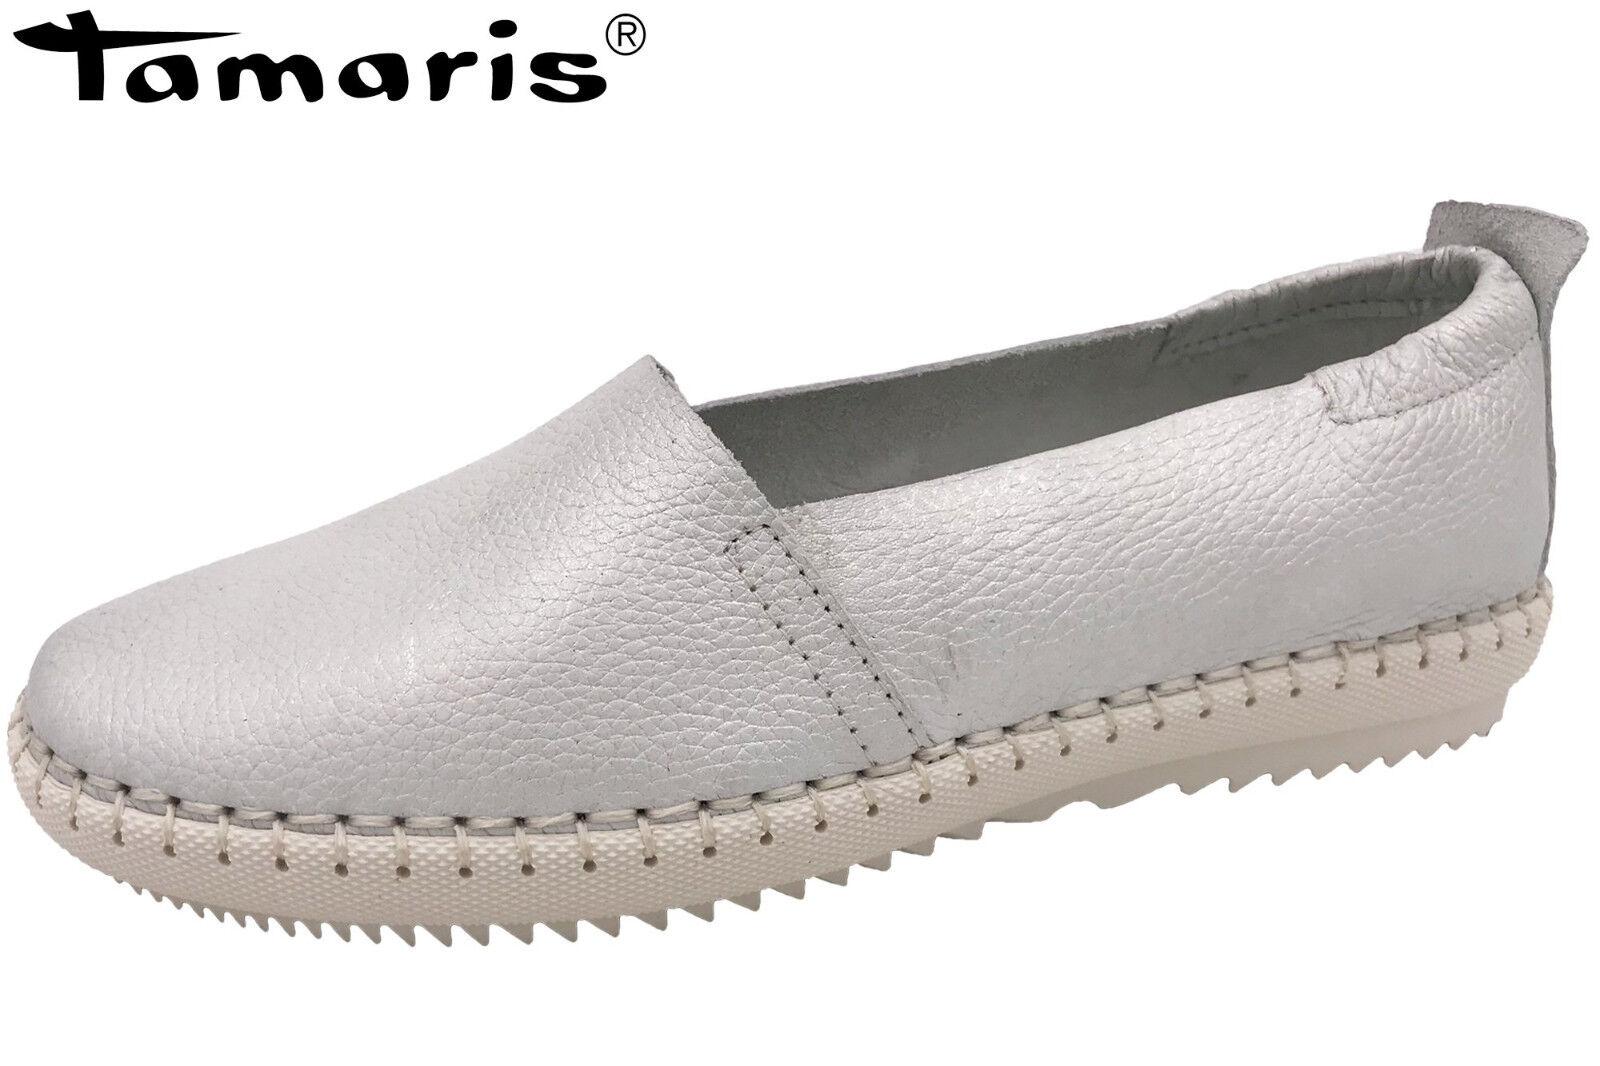 Tamaris Damen Slipper OffWEISS Metallic Leder Sommer Schuhe 1-1-24630-30-017 NEU